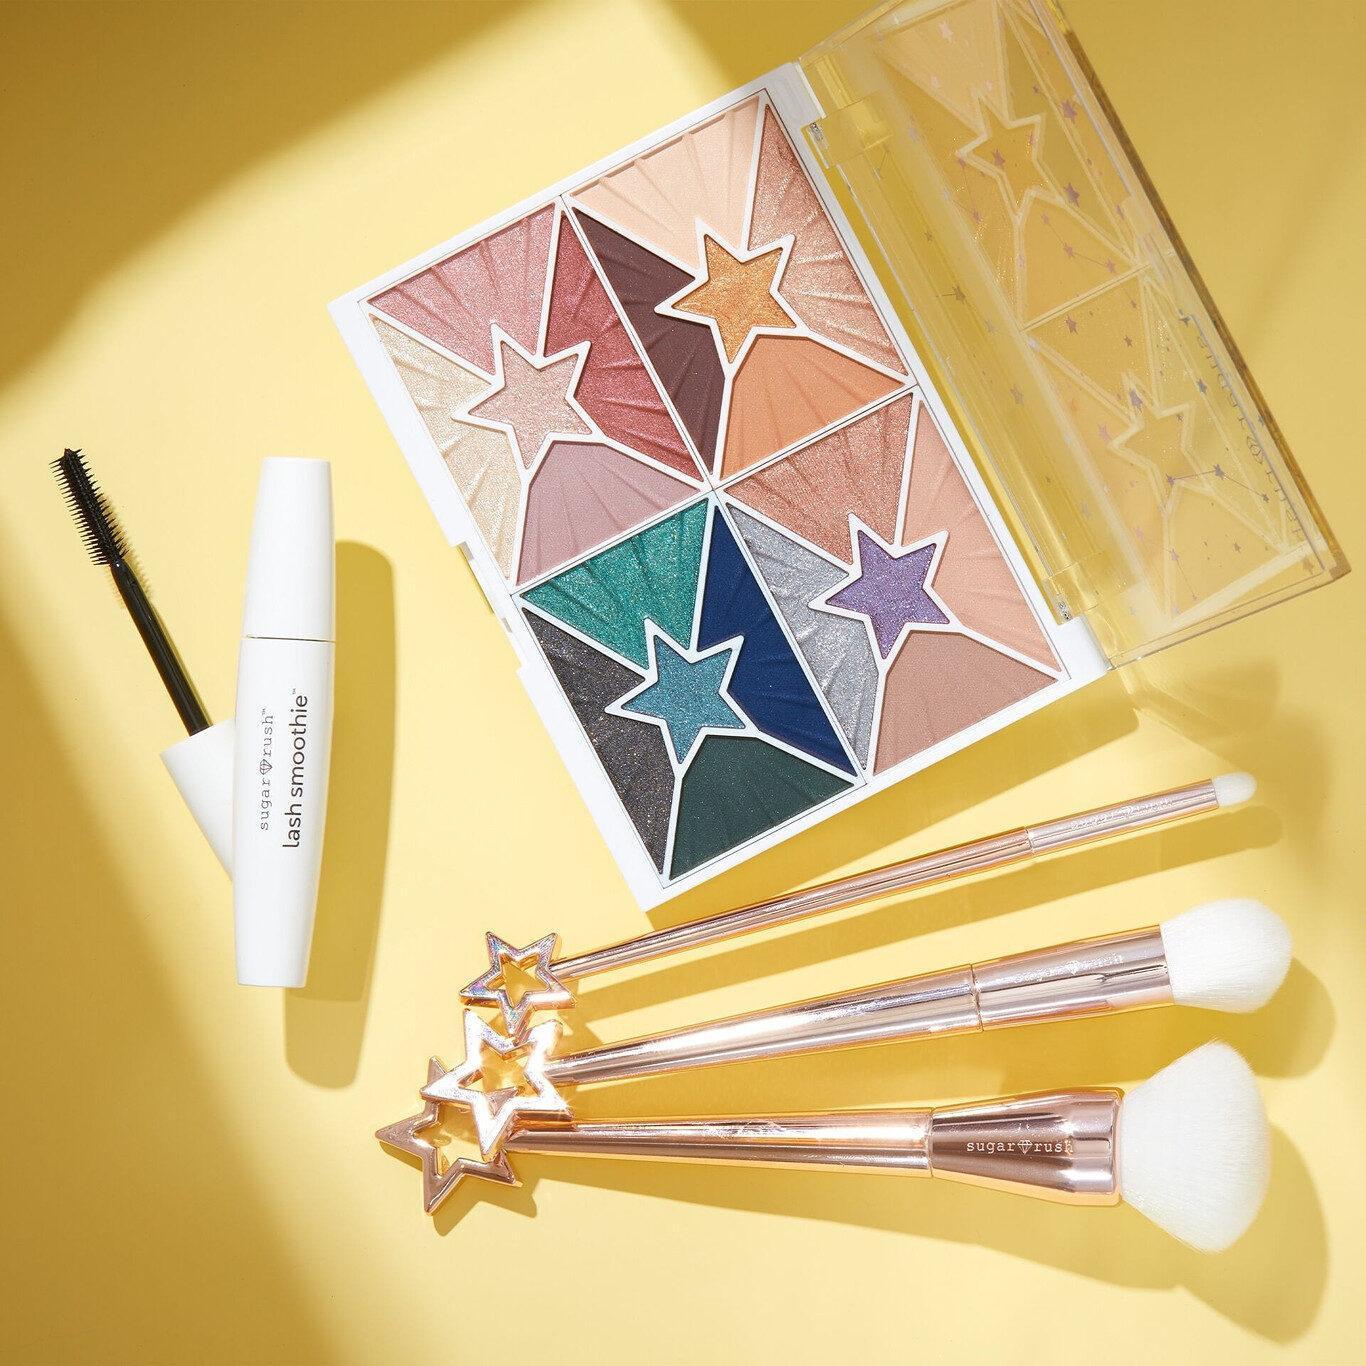 Star Chasers Eyeshadow Palette, Star Dusters Brush Set & Lash Smoothie™ Volumizing Hemp Mascara Promo